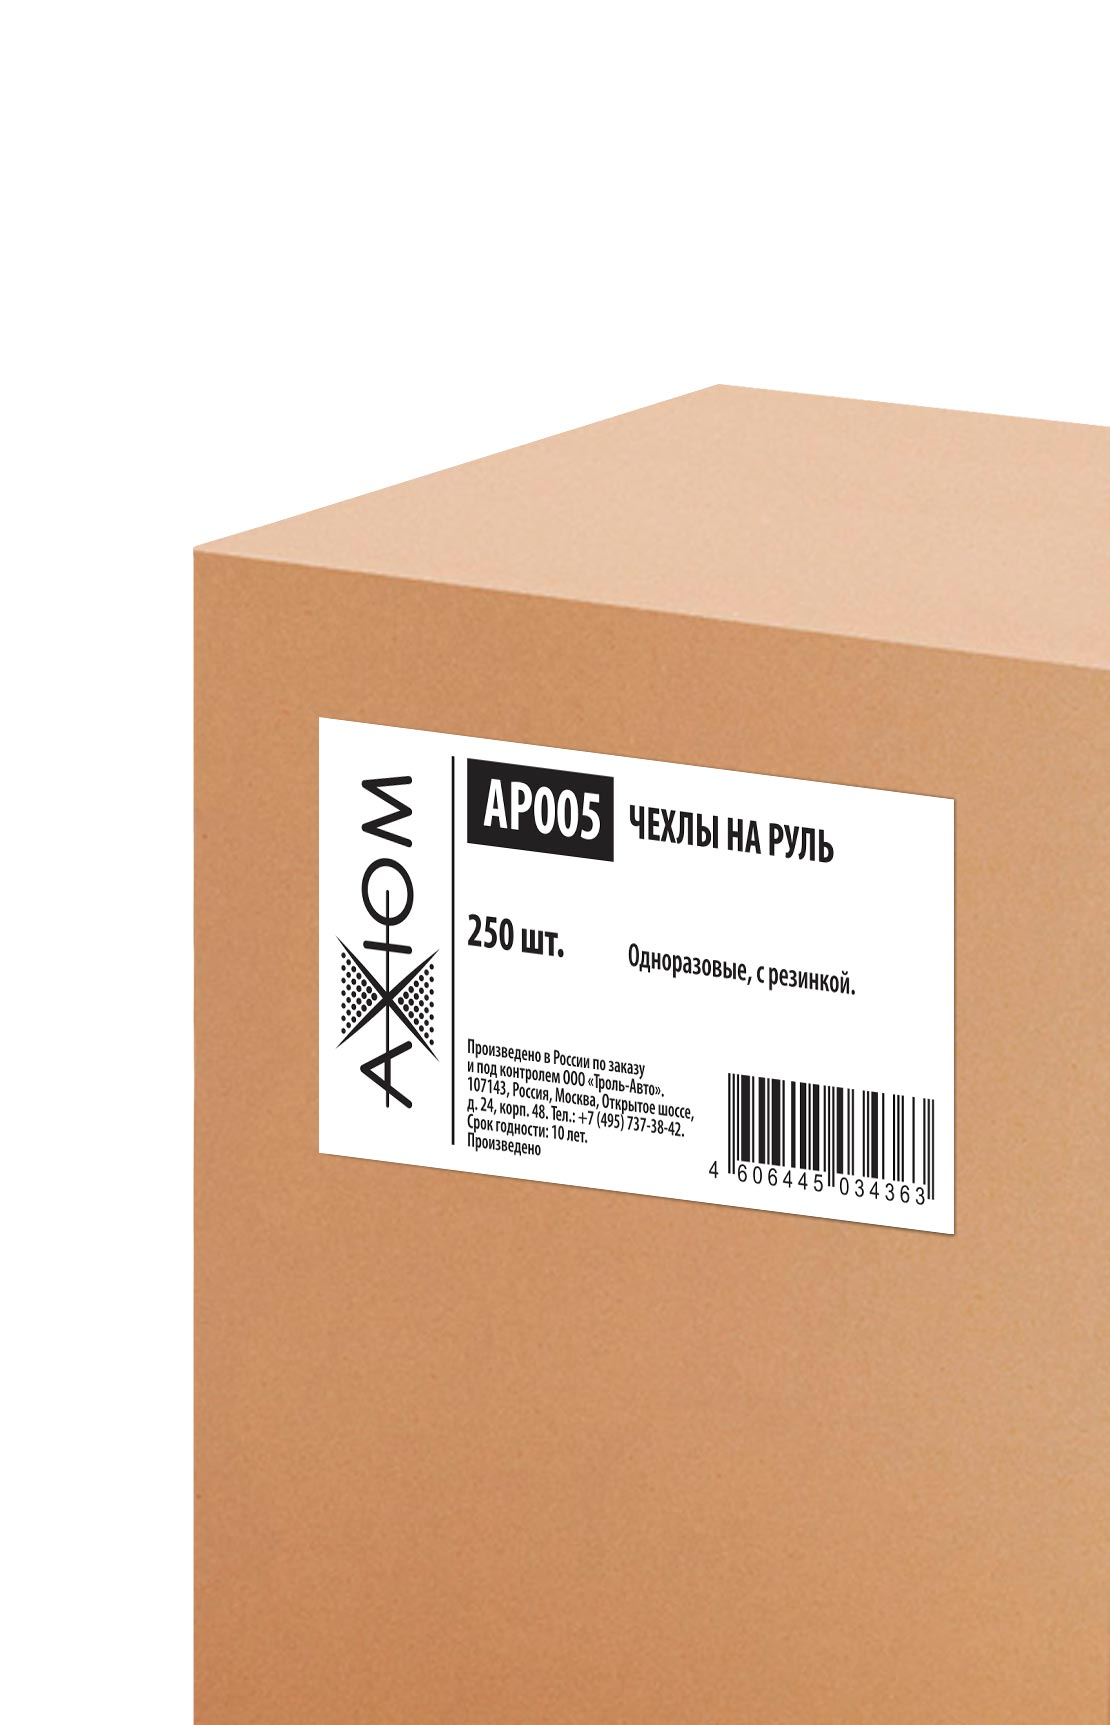 Чехлы на руль (в уп 250 шт; одноразовые; с резинкой). AXIOM (AP005)